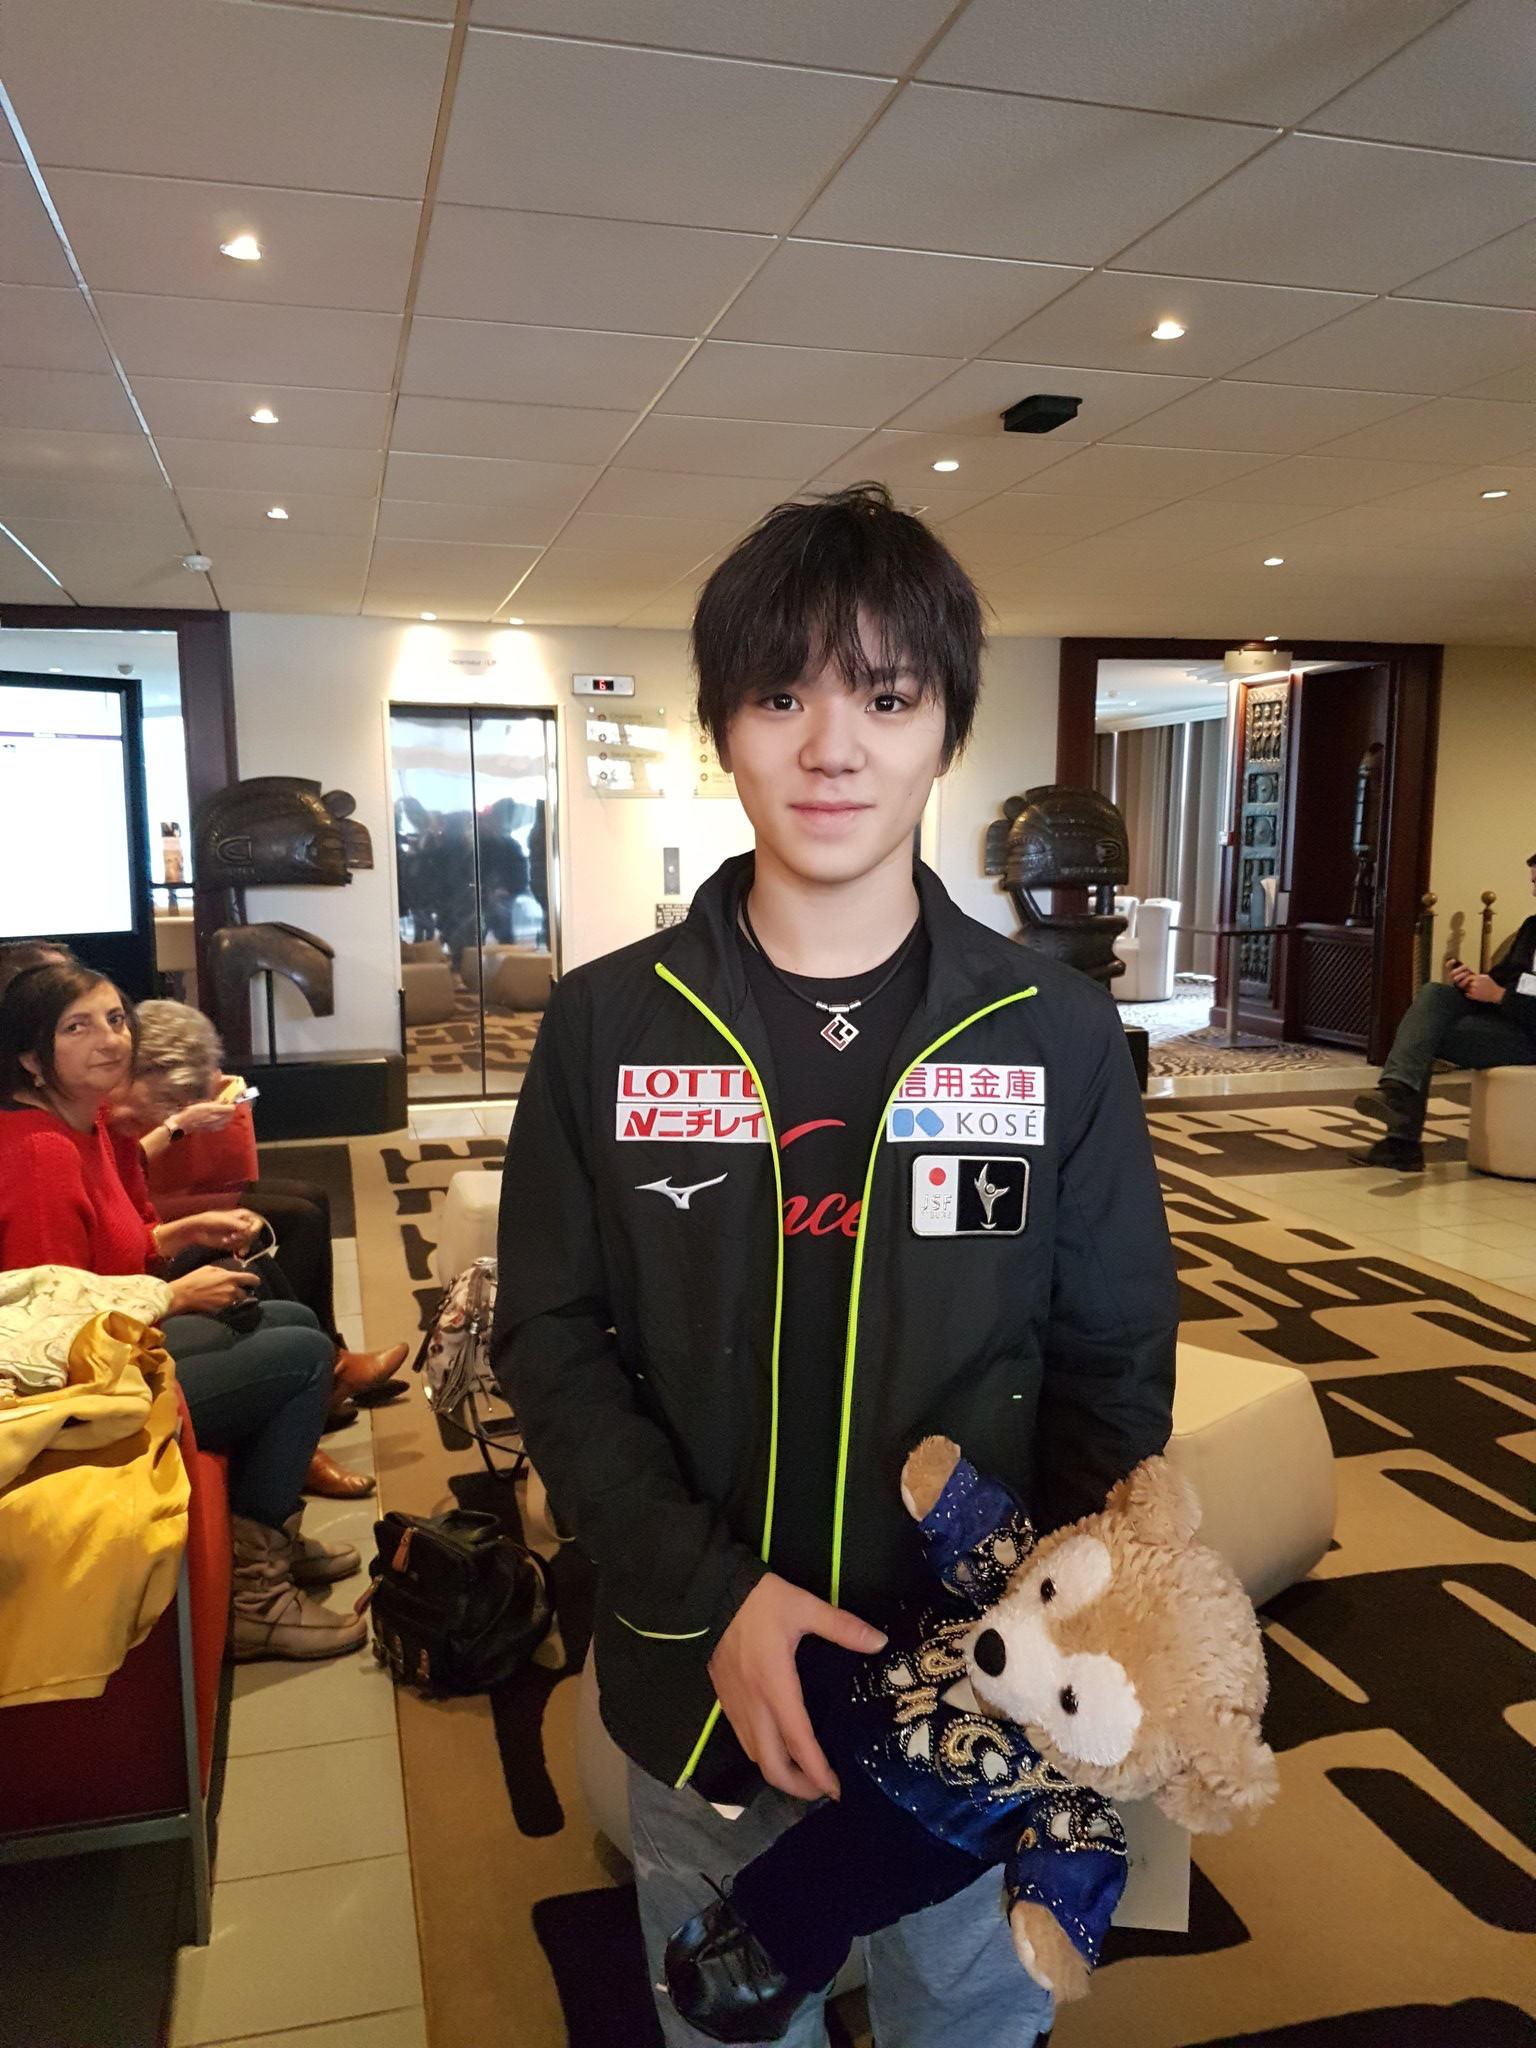 日本で開催されるGPファイナルについて宇野昌磨「お客さんがあまり入らないんじゃないかな」と冗談を交わす